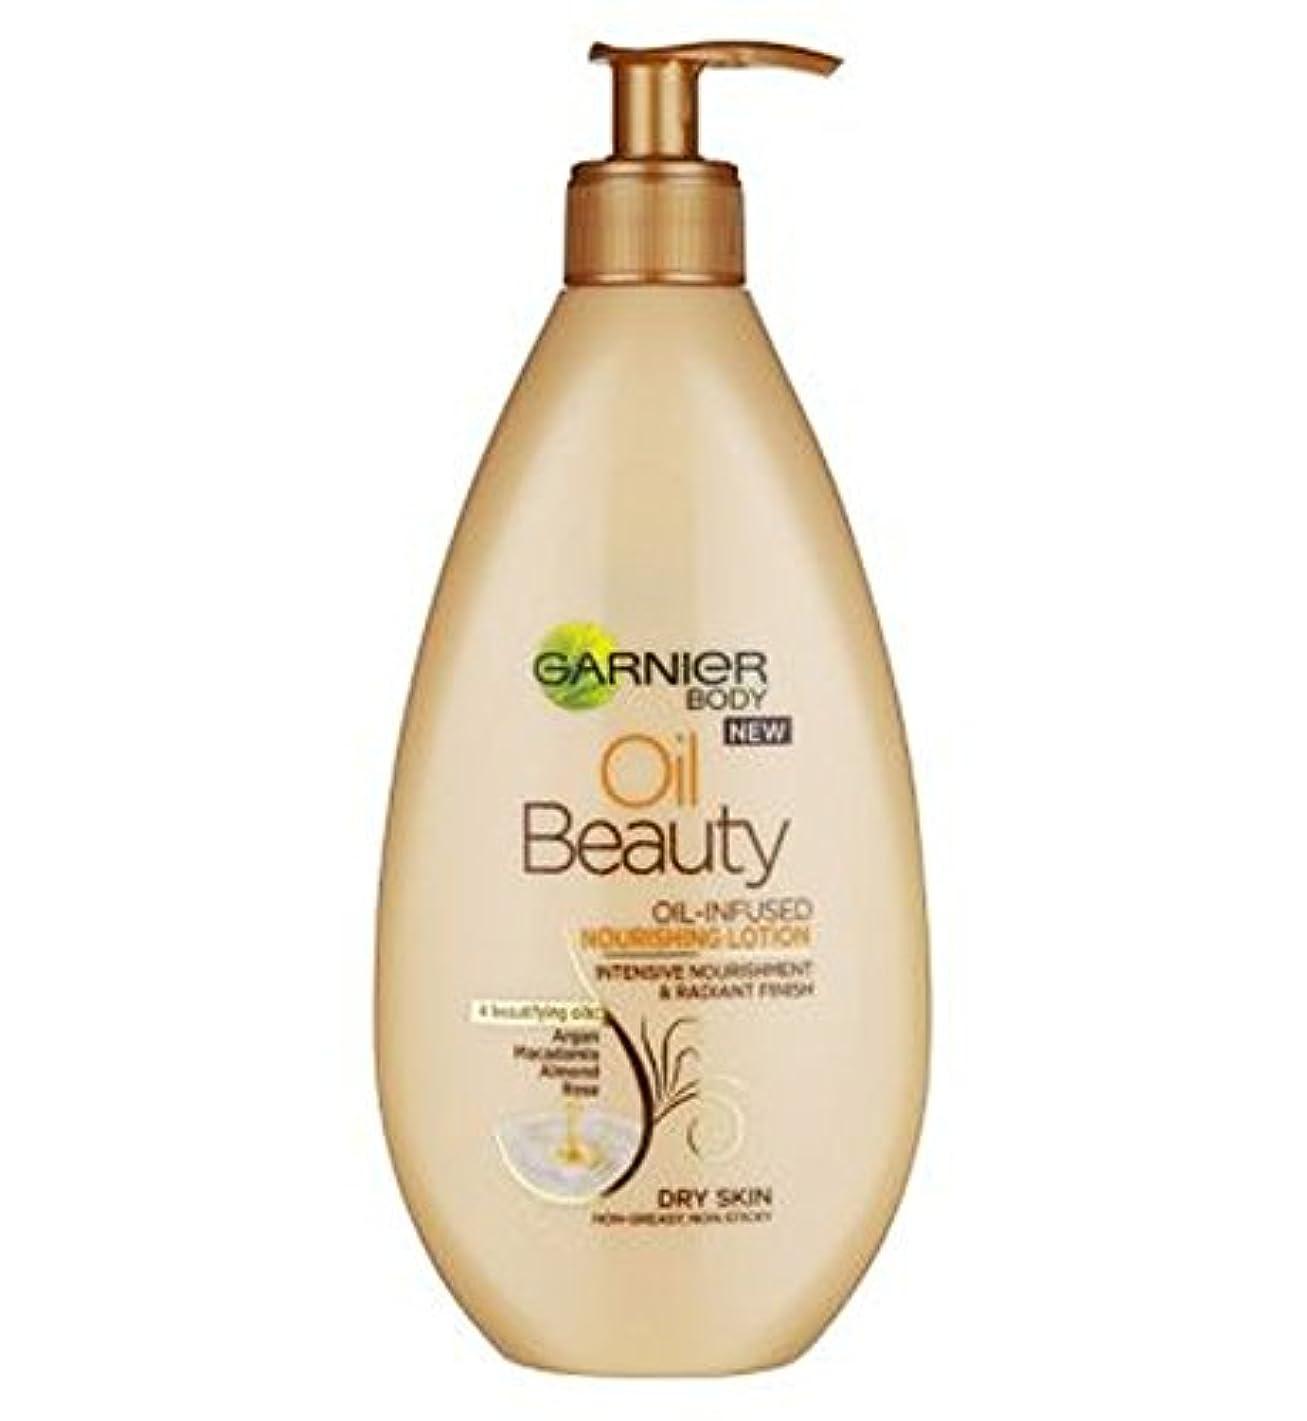 値トリッキー続編Garnier Ultimate Beauty Oil 400ml - ガルニエ究極の美容オイル400ミリリットル (Garnier) [並行輸入品]